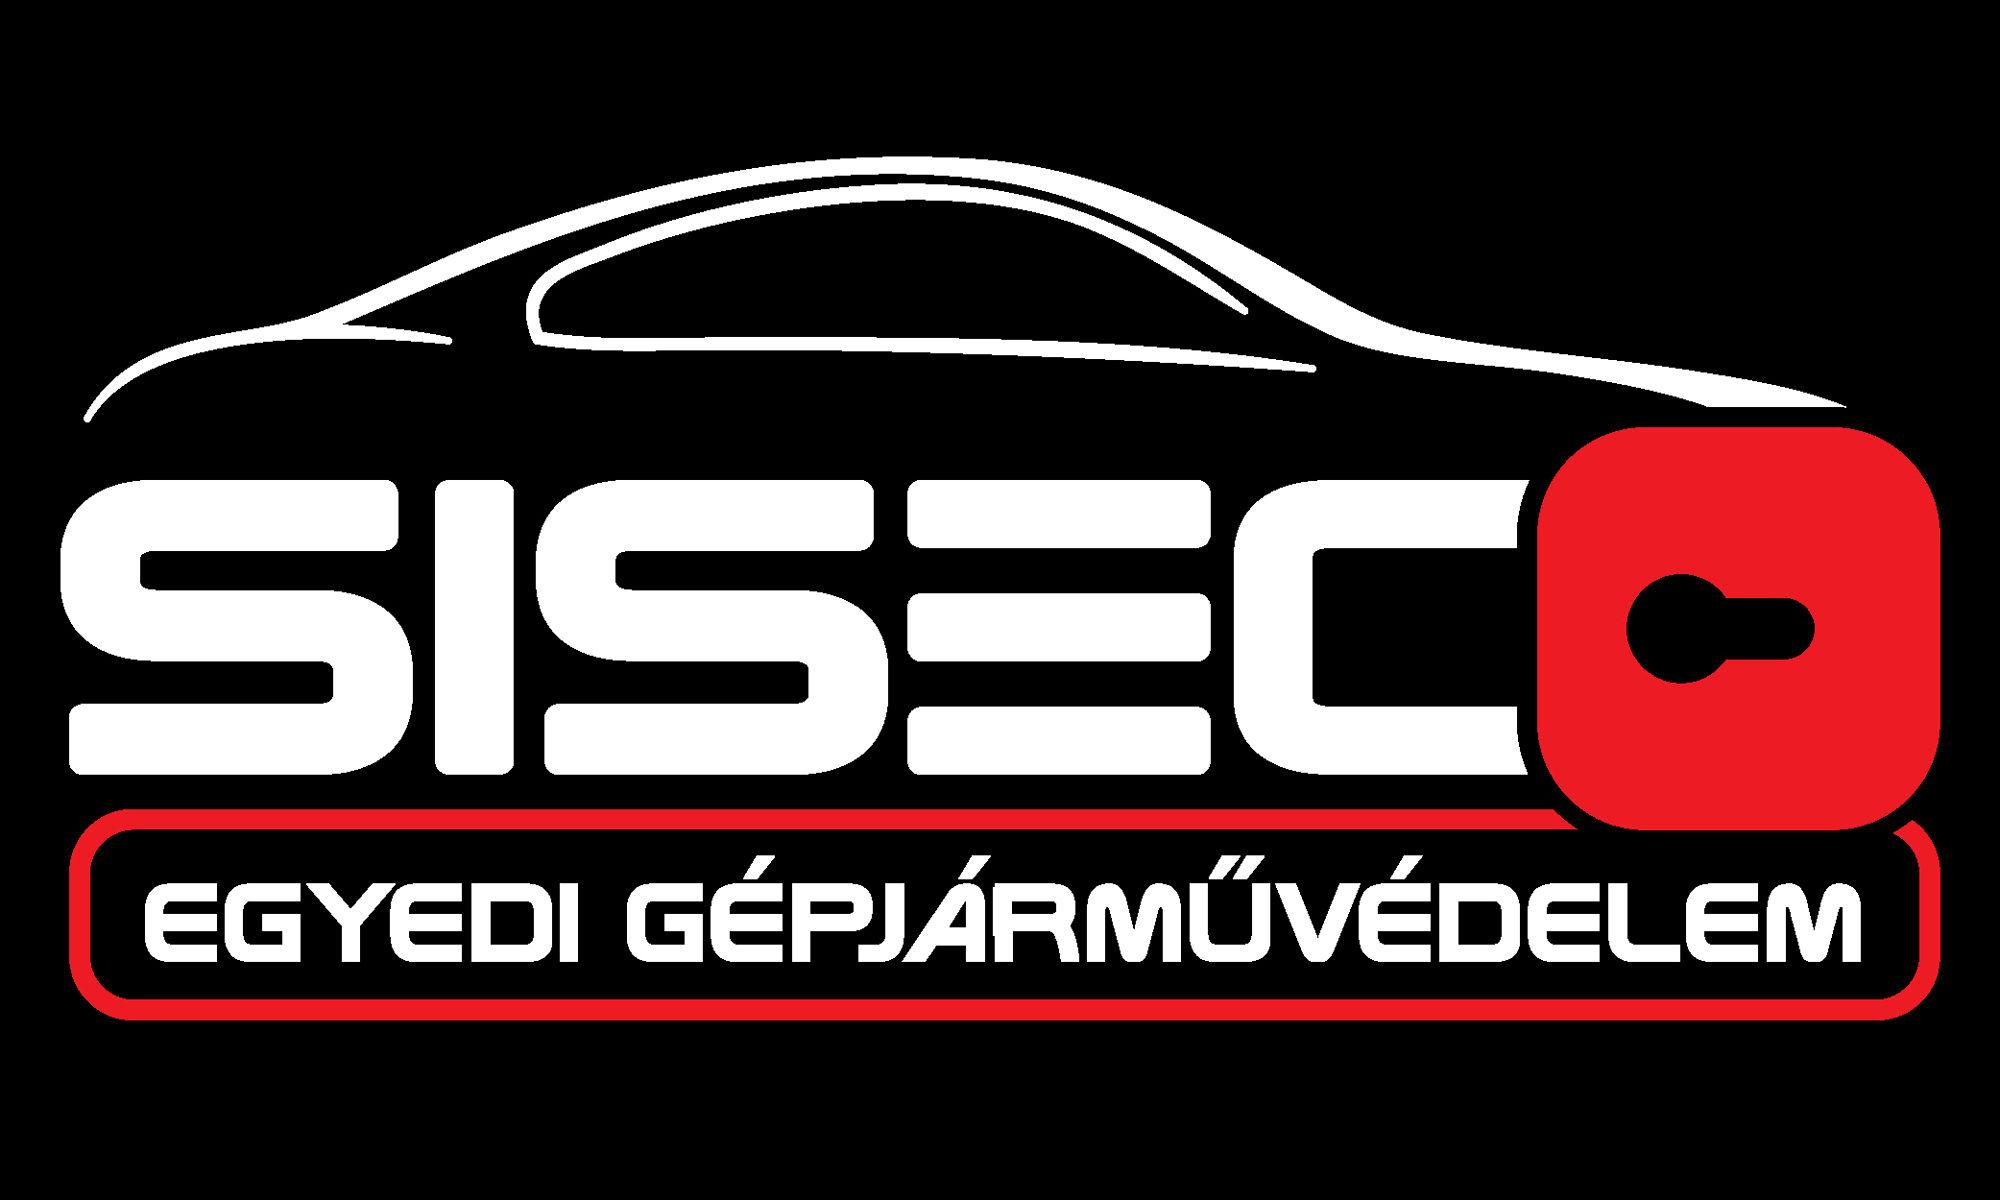 SiSec EgyediGépjárműVédelem